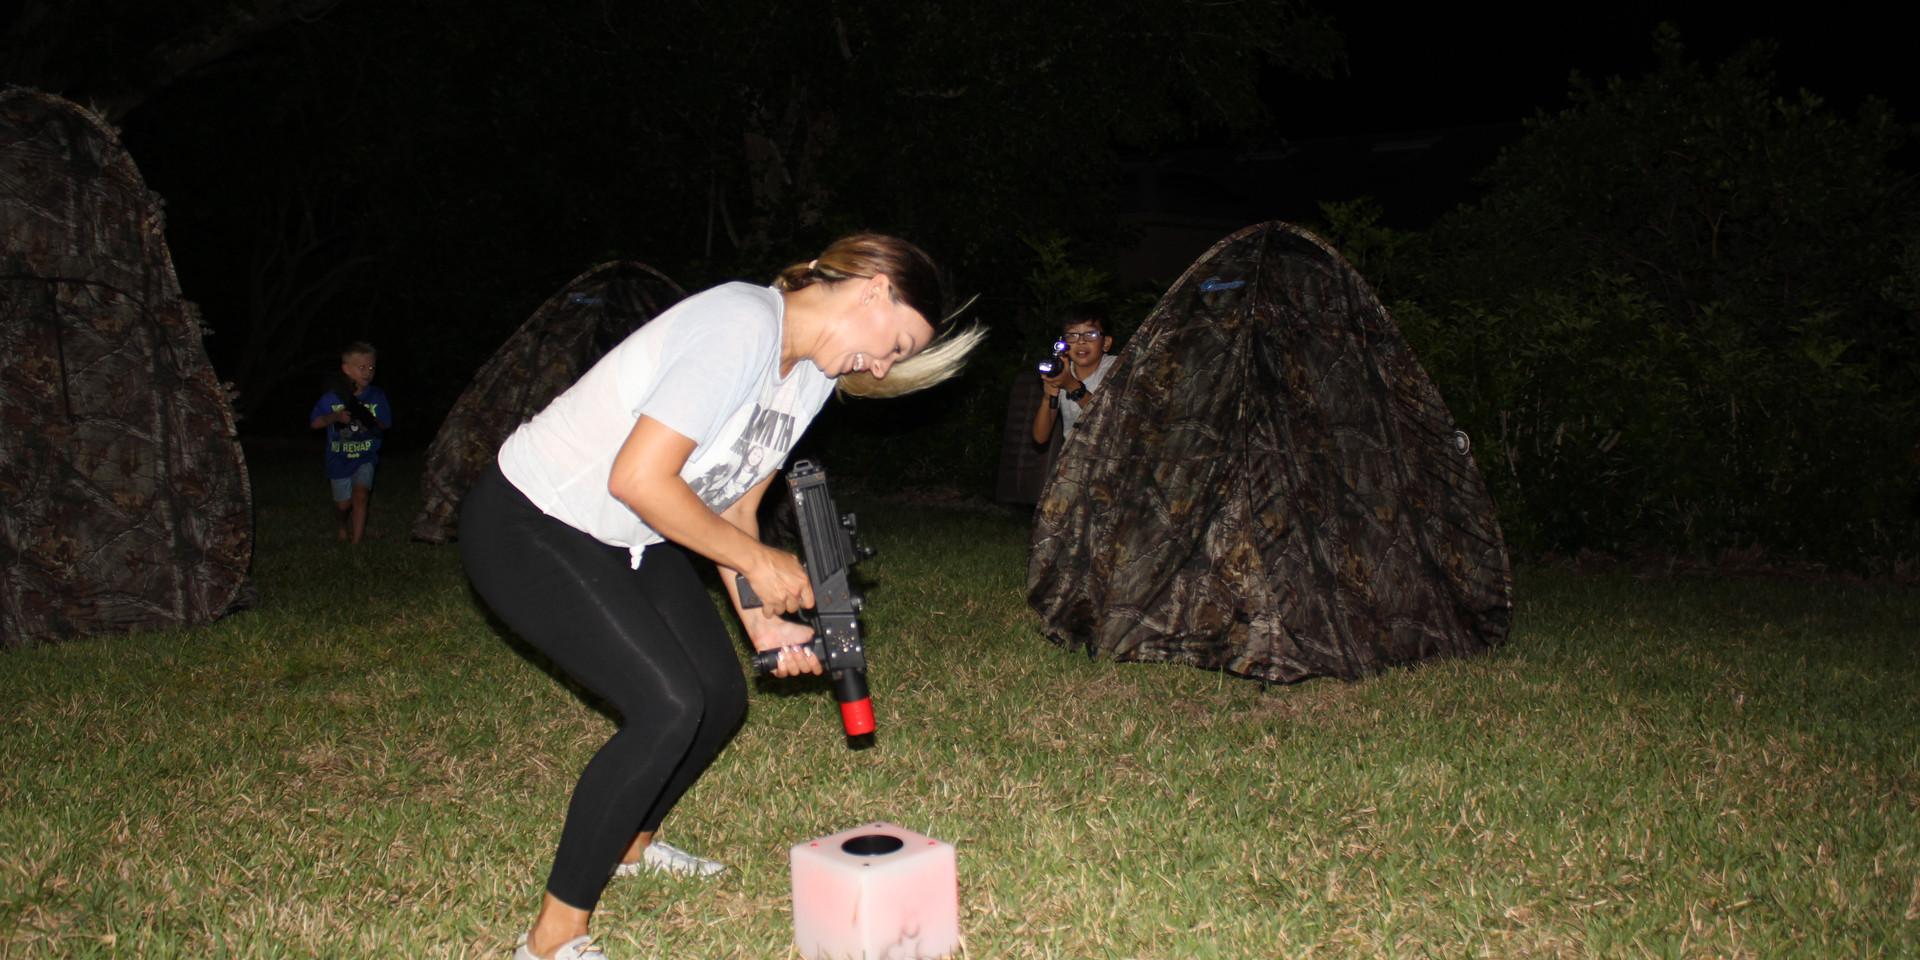 Mobile Laser Tag in Naples, FL